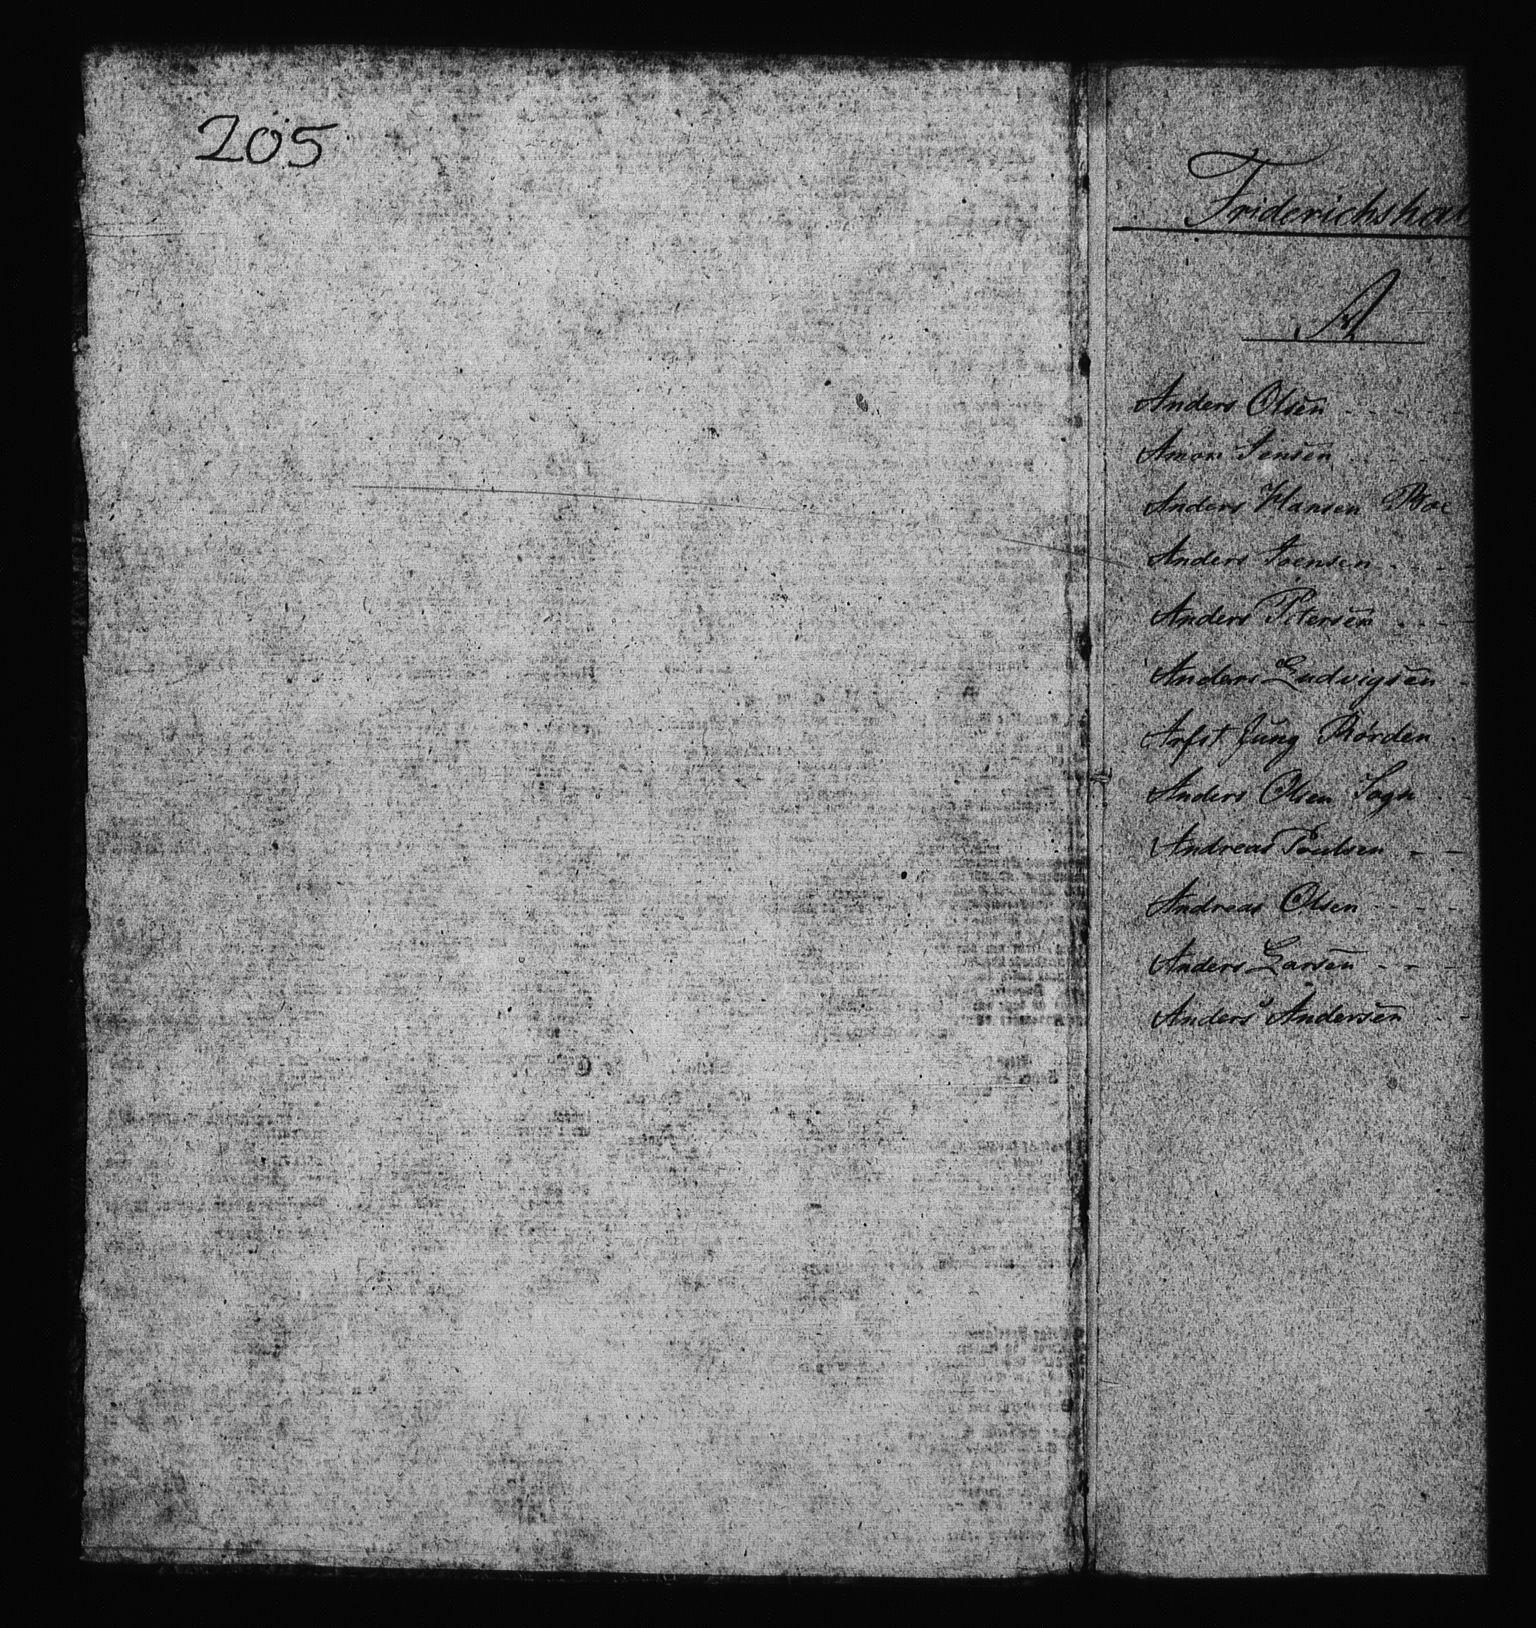 RA, Sjøetaten, F/L0206: Fredrikshalds distrikt, bind 1, 1812